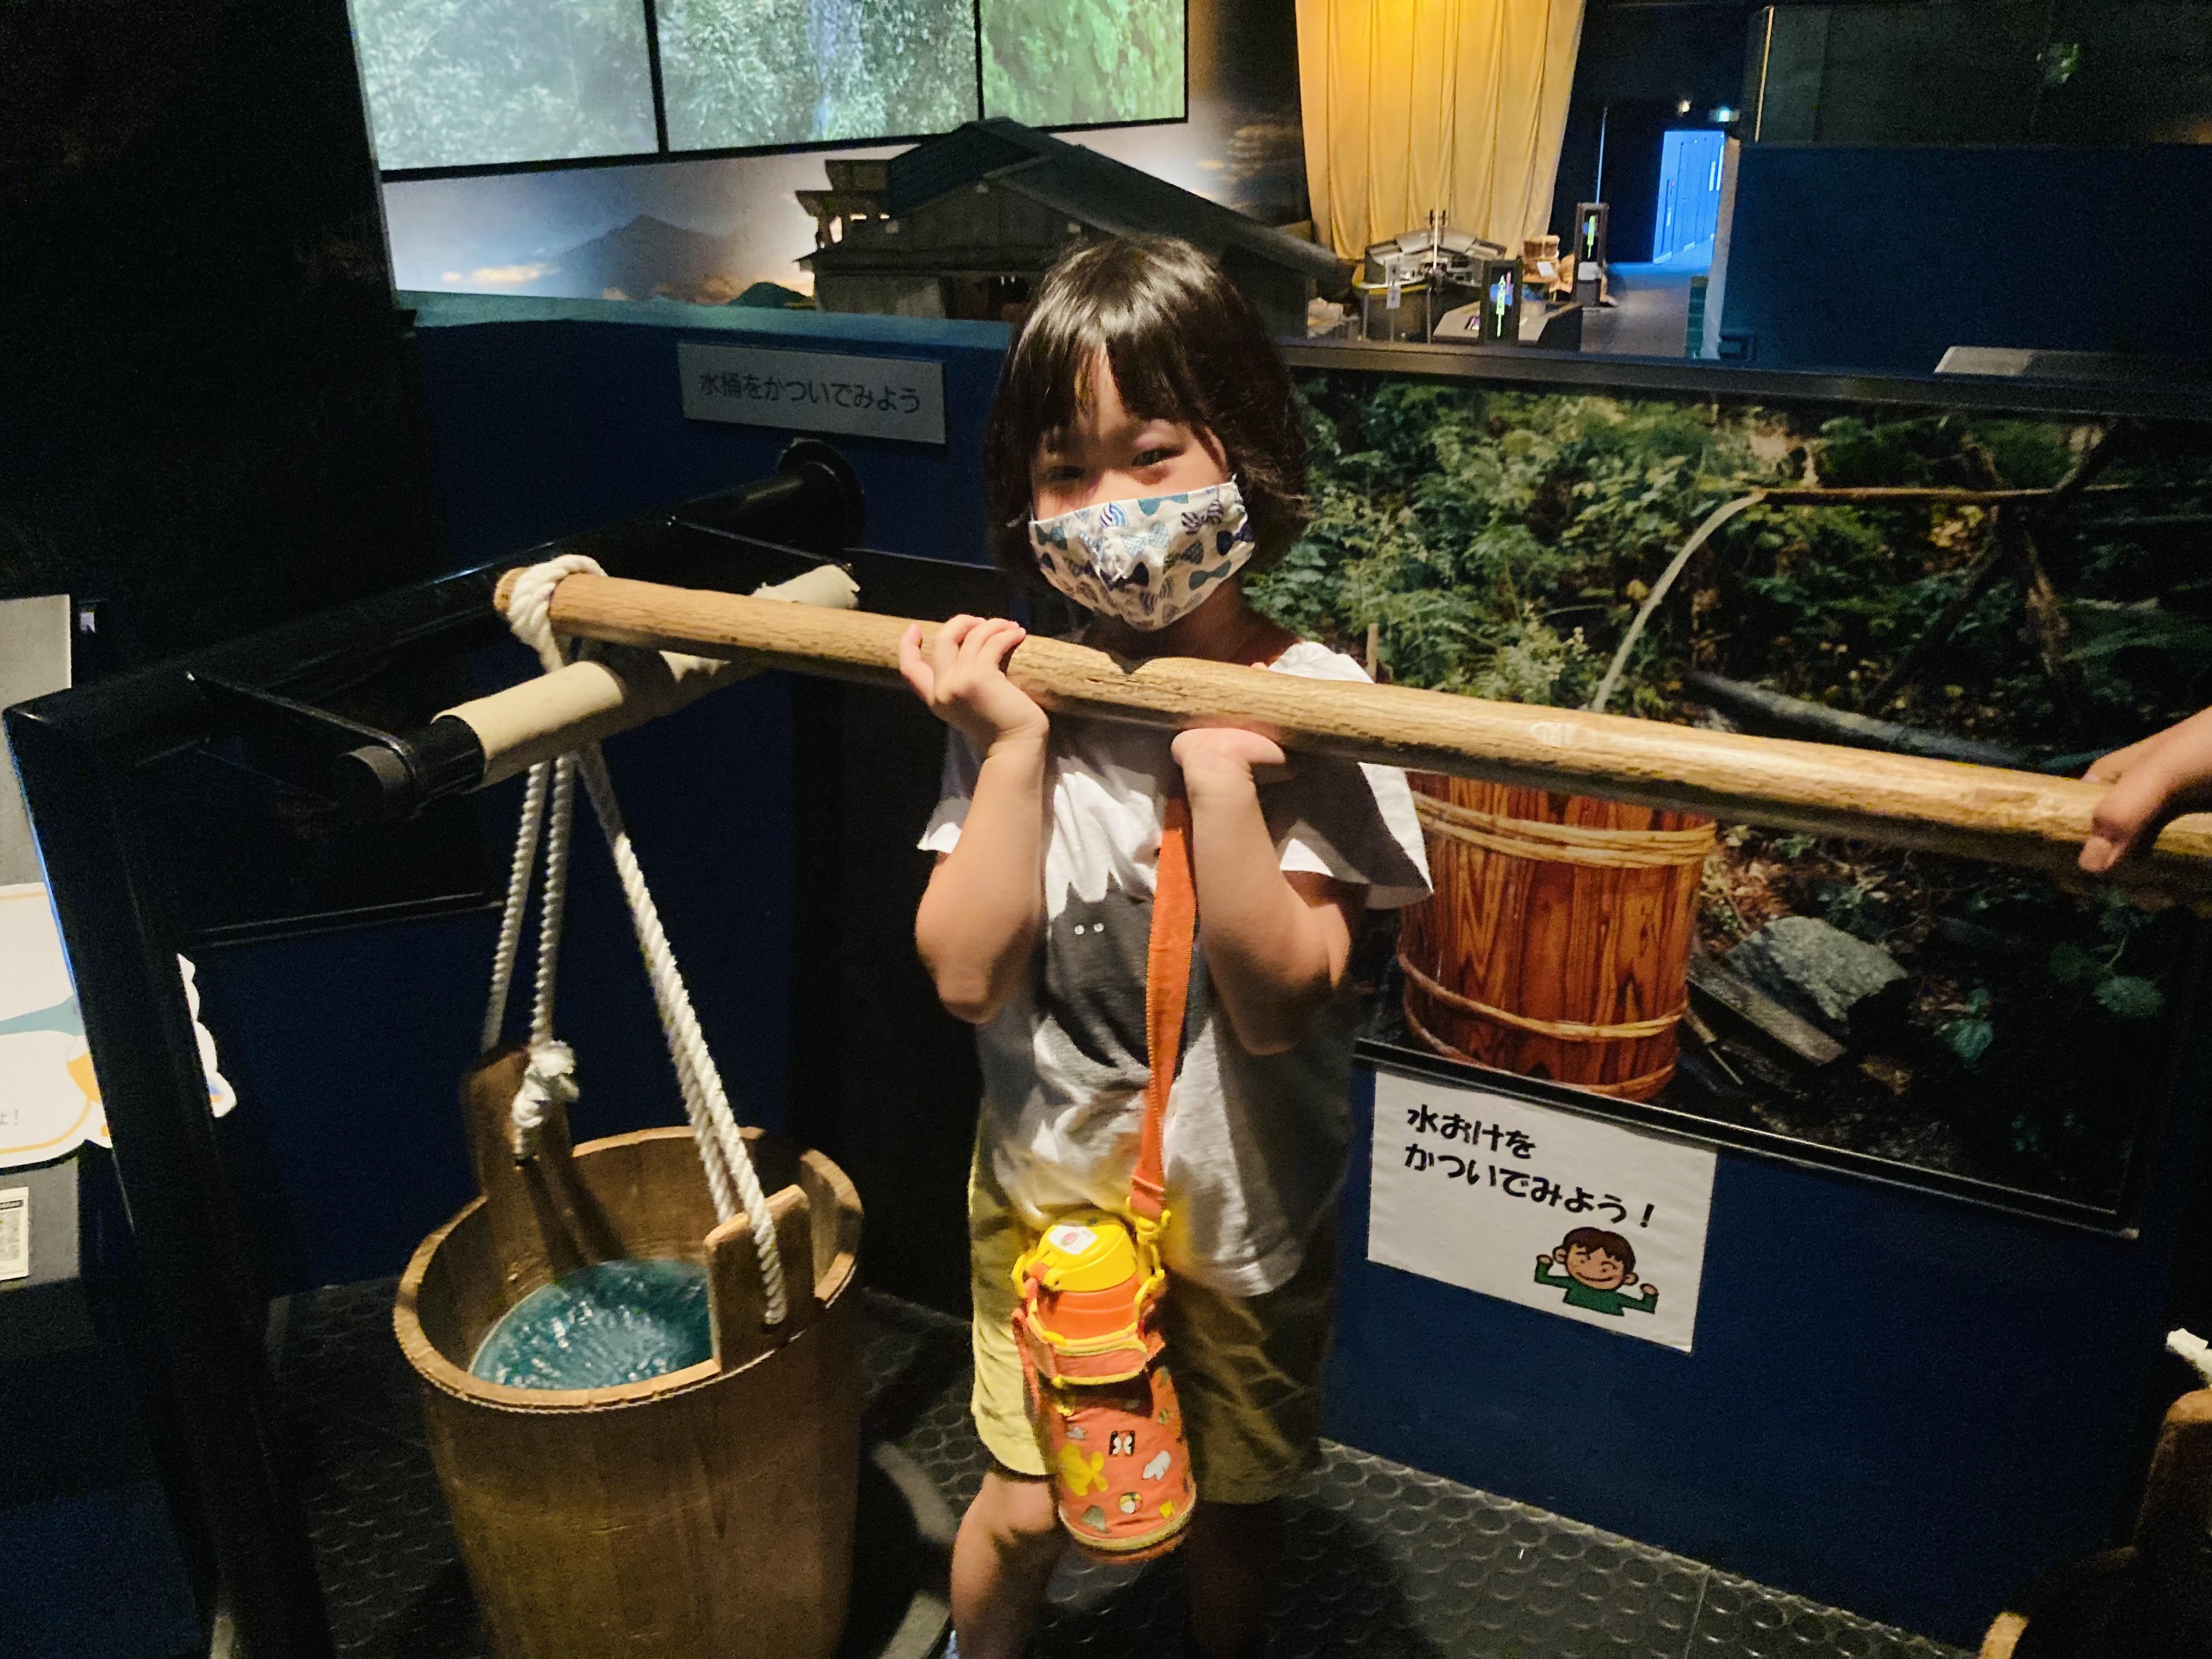 夏の思い出 川の博物館 水を運ぶの大変。